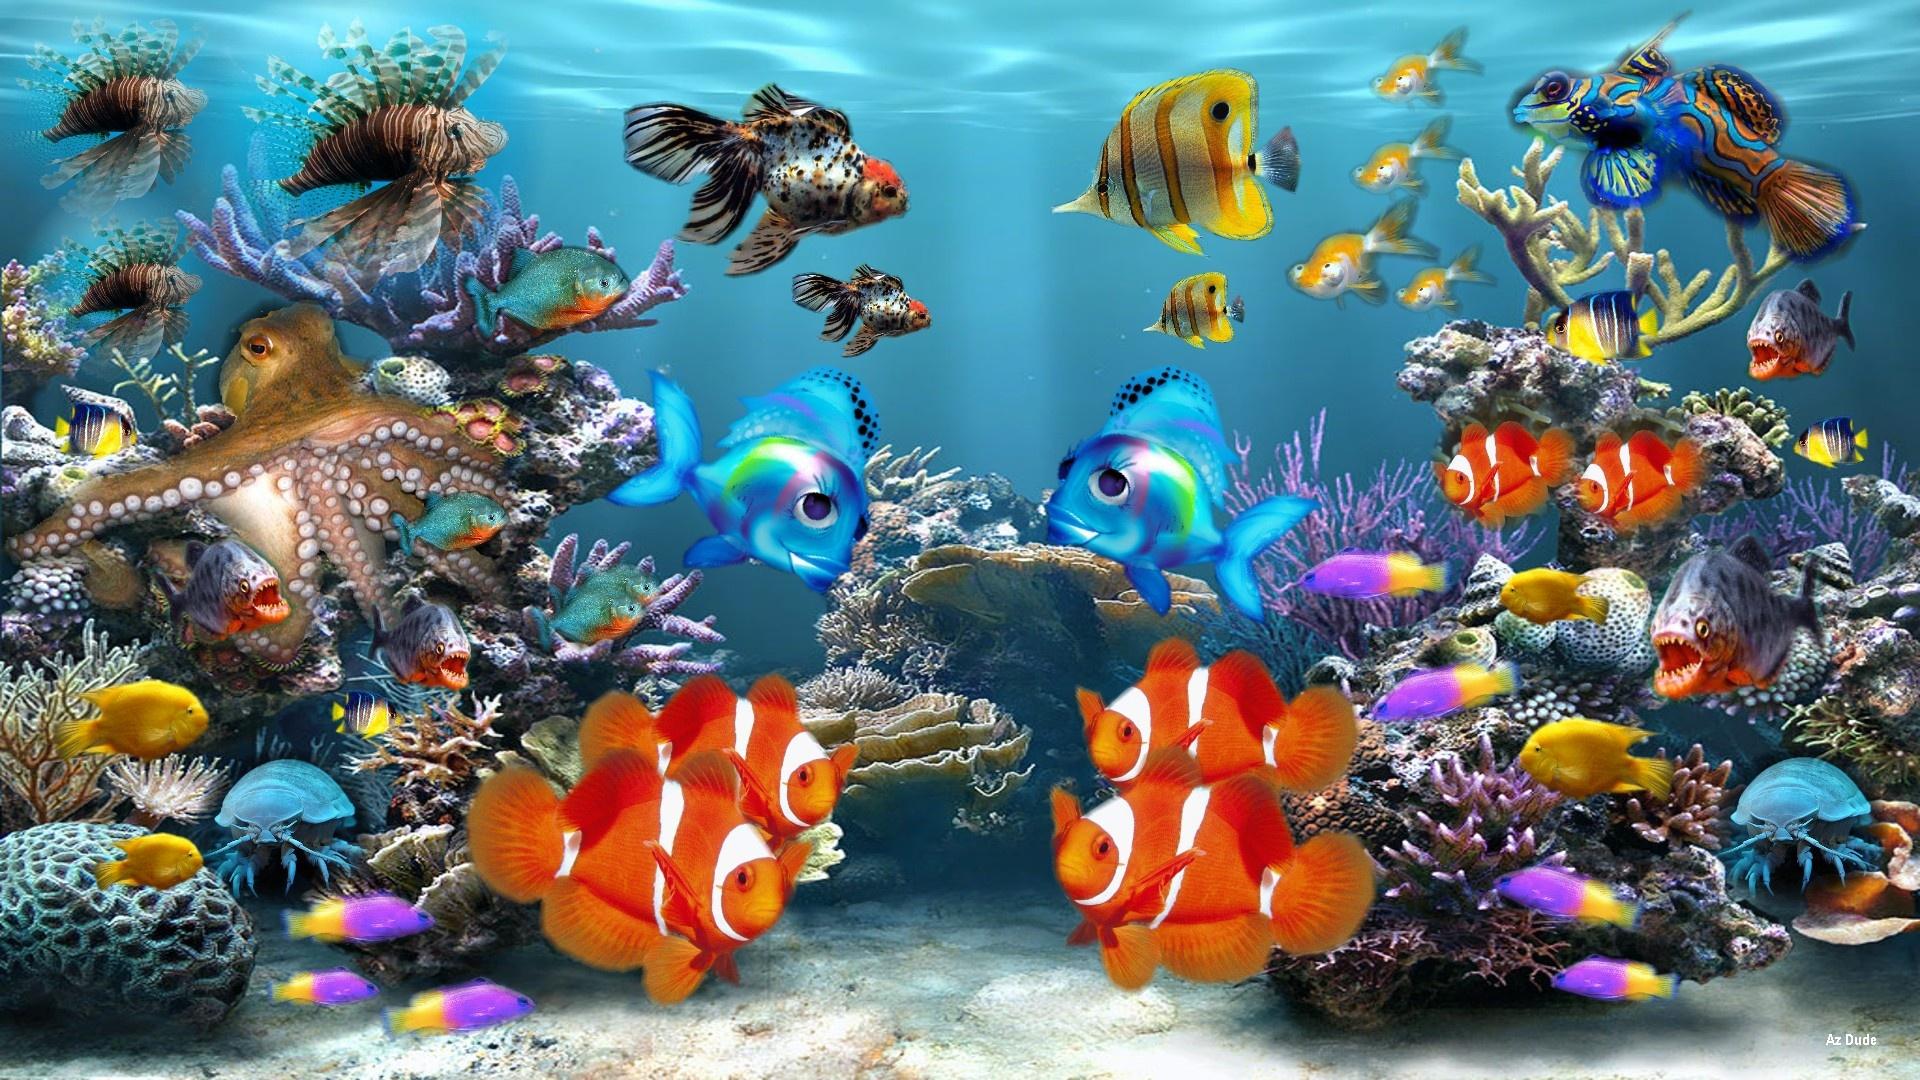 aquarium desktop wallpaper download aquarium wallpaper in hd 1920x1080